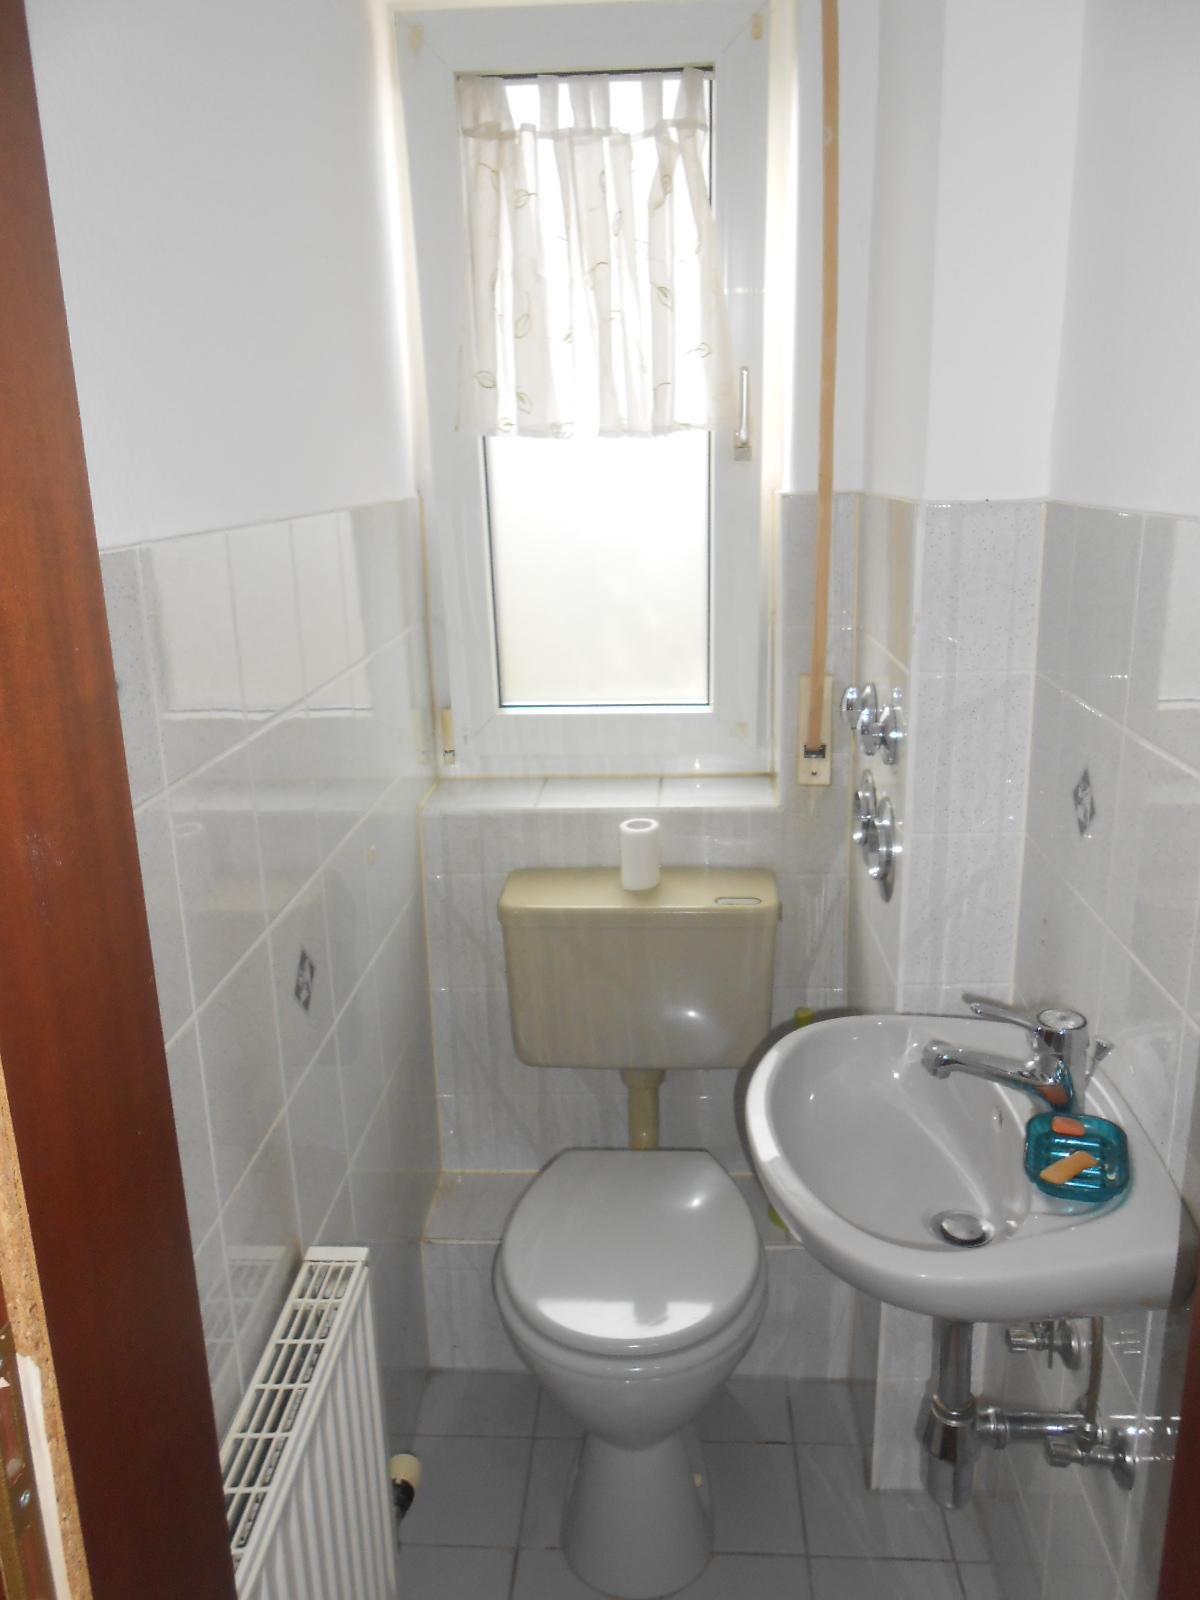 64572 b tt klein gerau 2 zi whg ca 64 m wohnfl gehoben ausgestattet ebk g ste wc. Black Bedroom Furniture Sets. Home Design Ideas